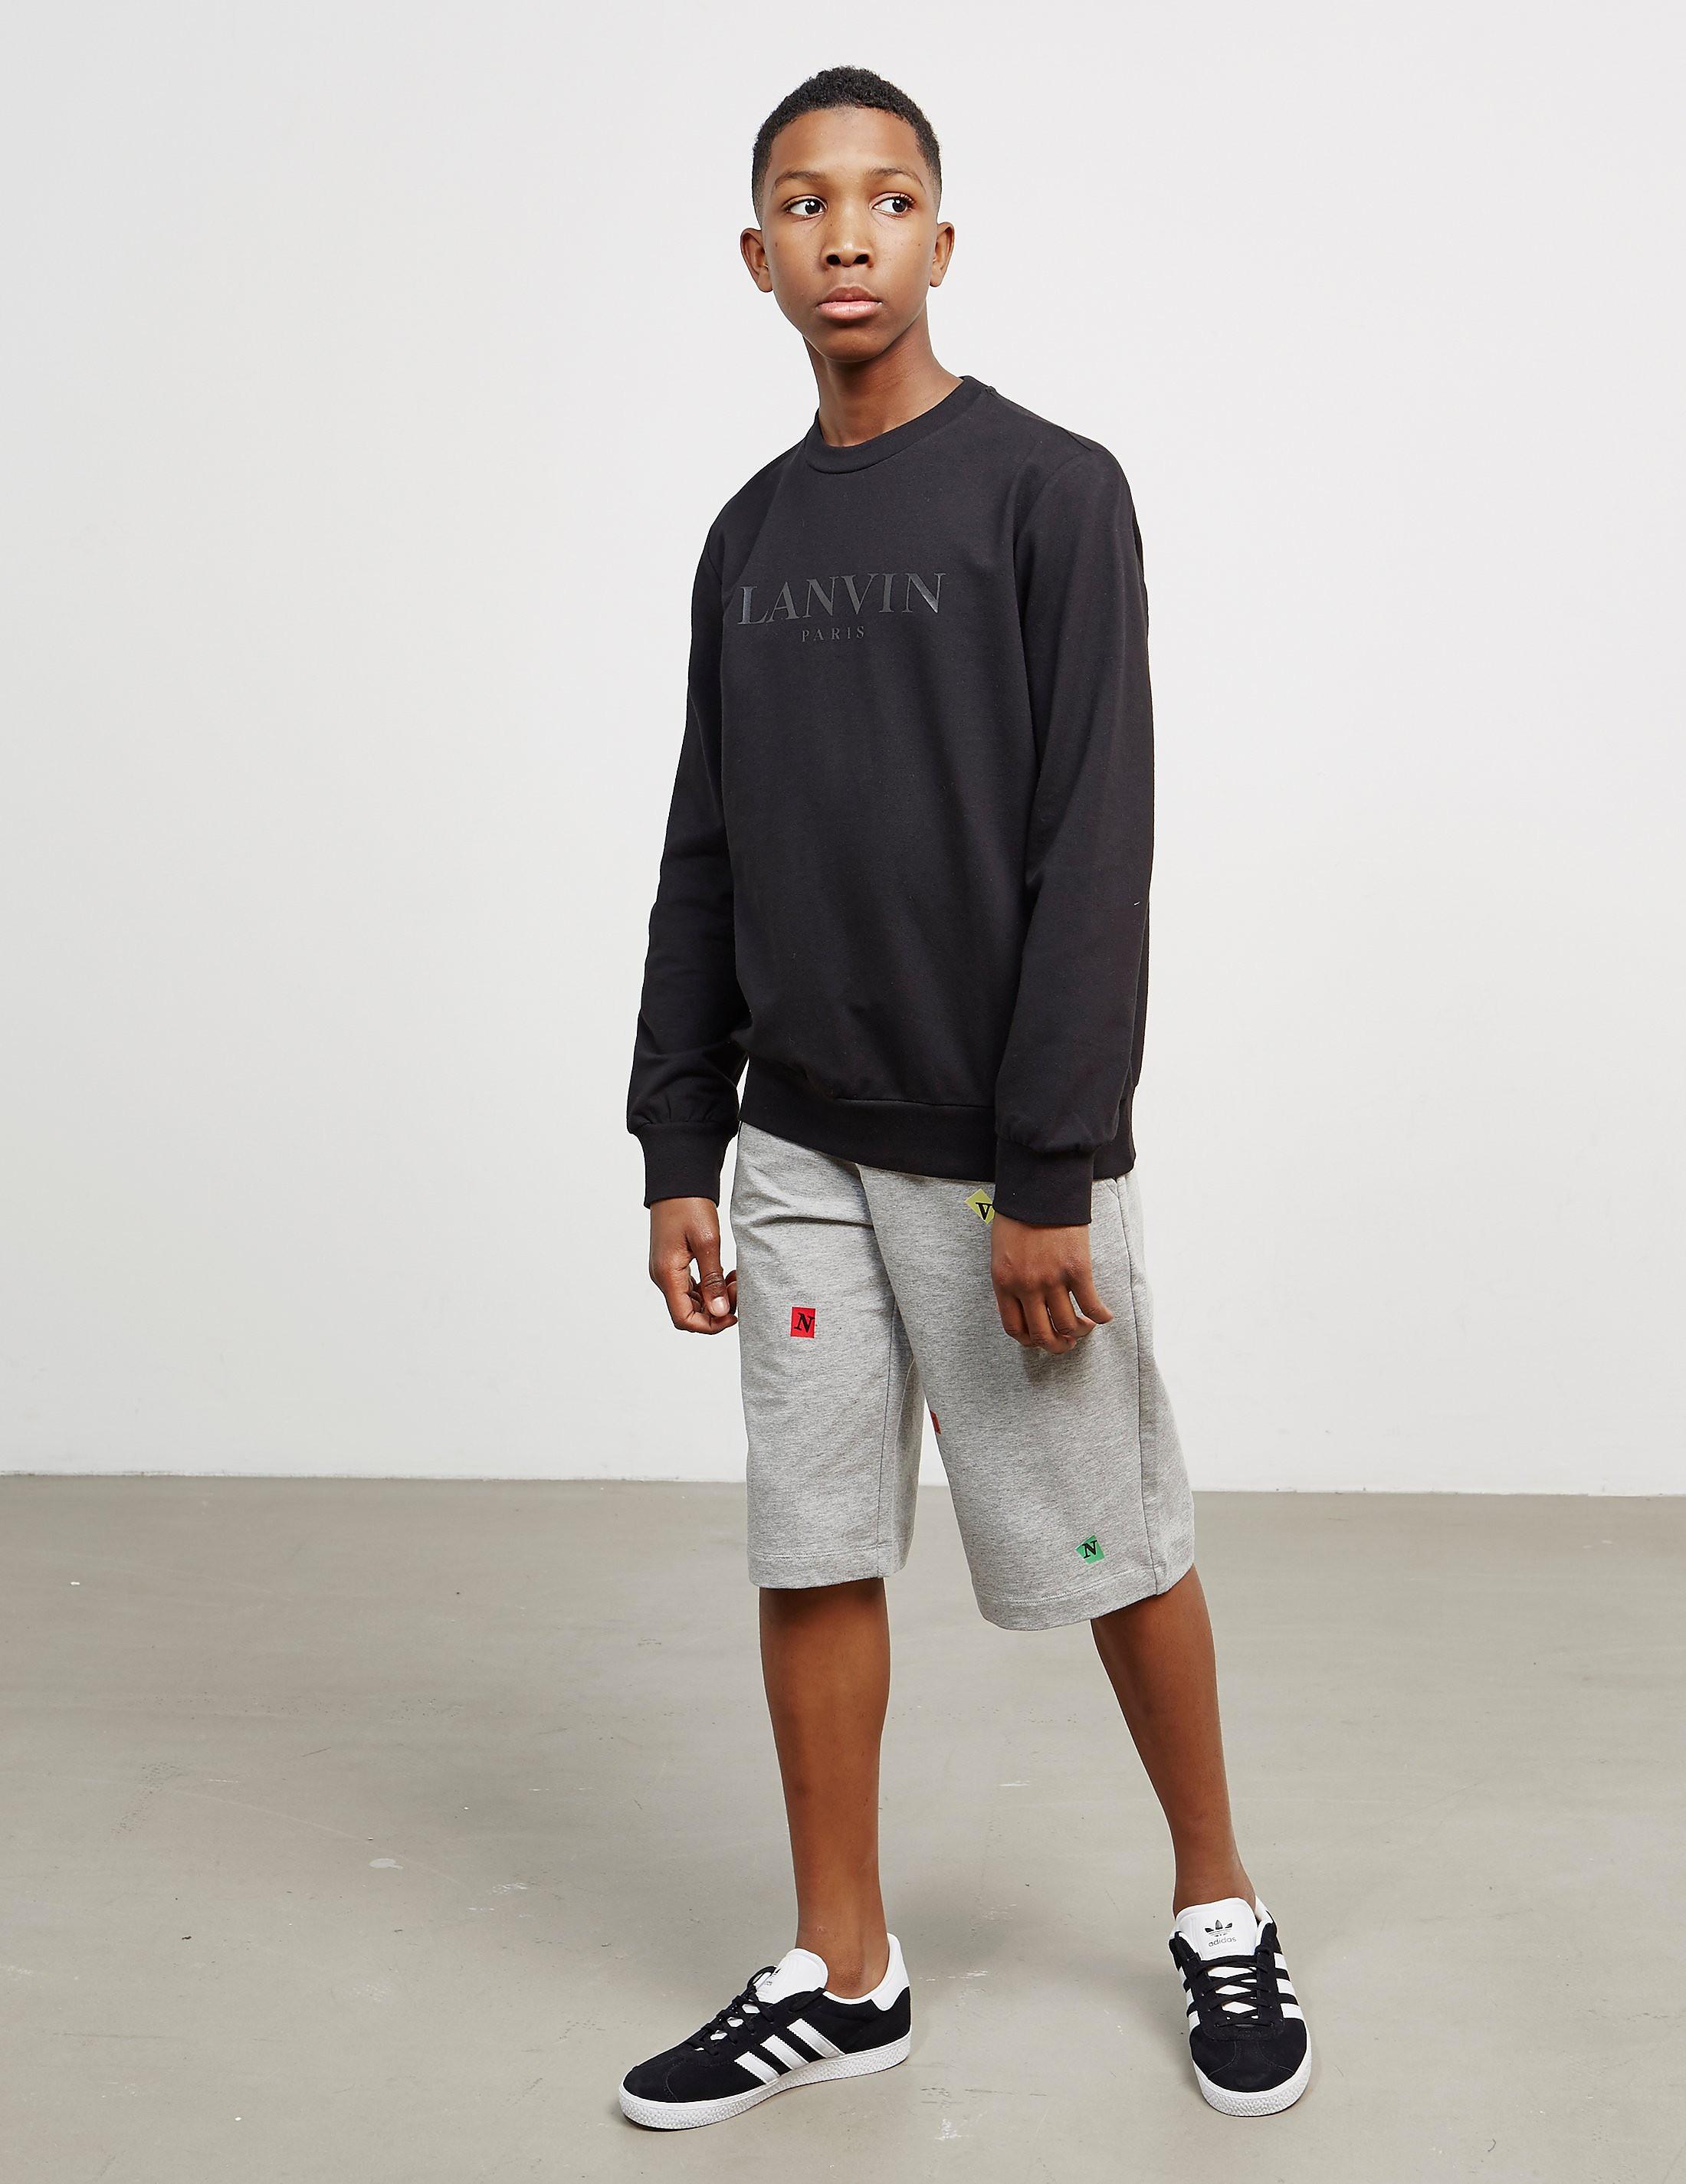 Lanvin Crew Sweatshirt